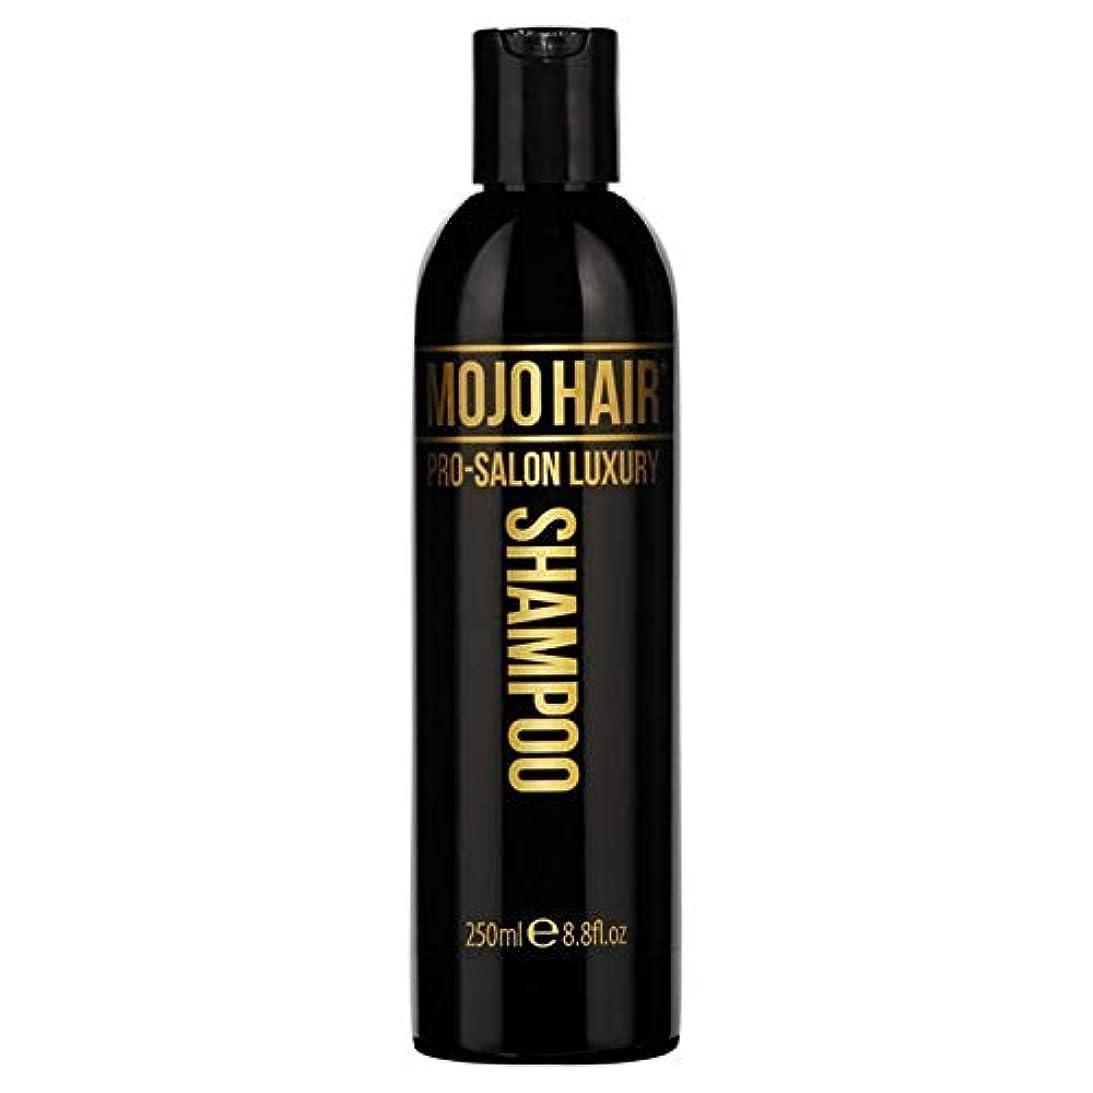 週間パスポート気を散らす[Mojo ] 男性プロサロン高級フレグランス250ミリリットルのためのモジョヘアシャンプー - MOJO HAIR Shampoo for Men Pro-Salon Luxury Fragrance 250ml [並行輸入品]